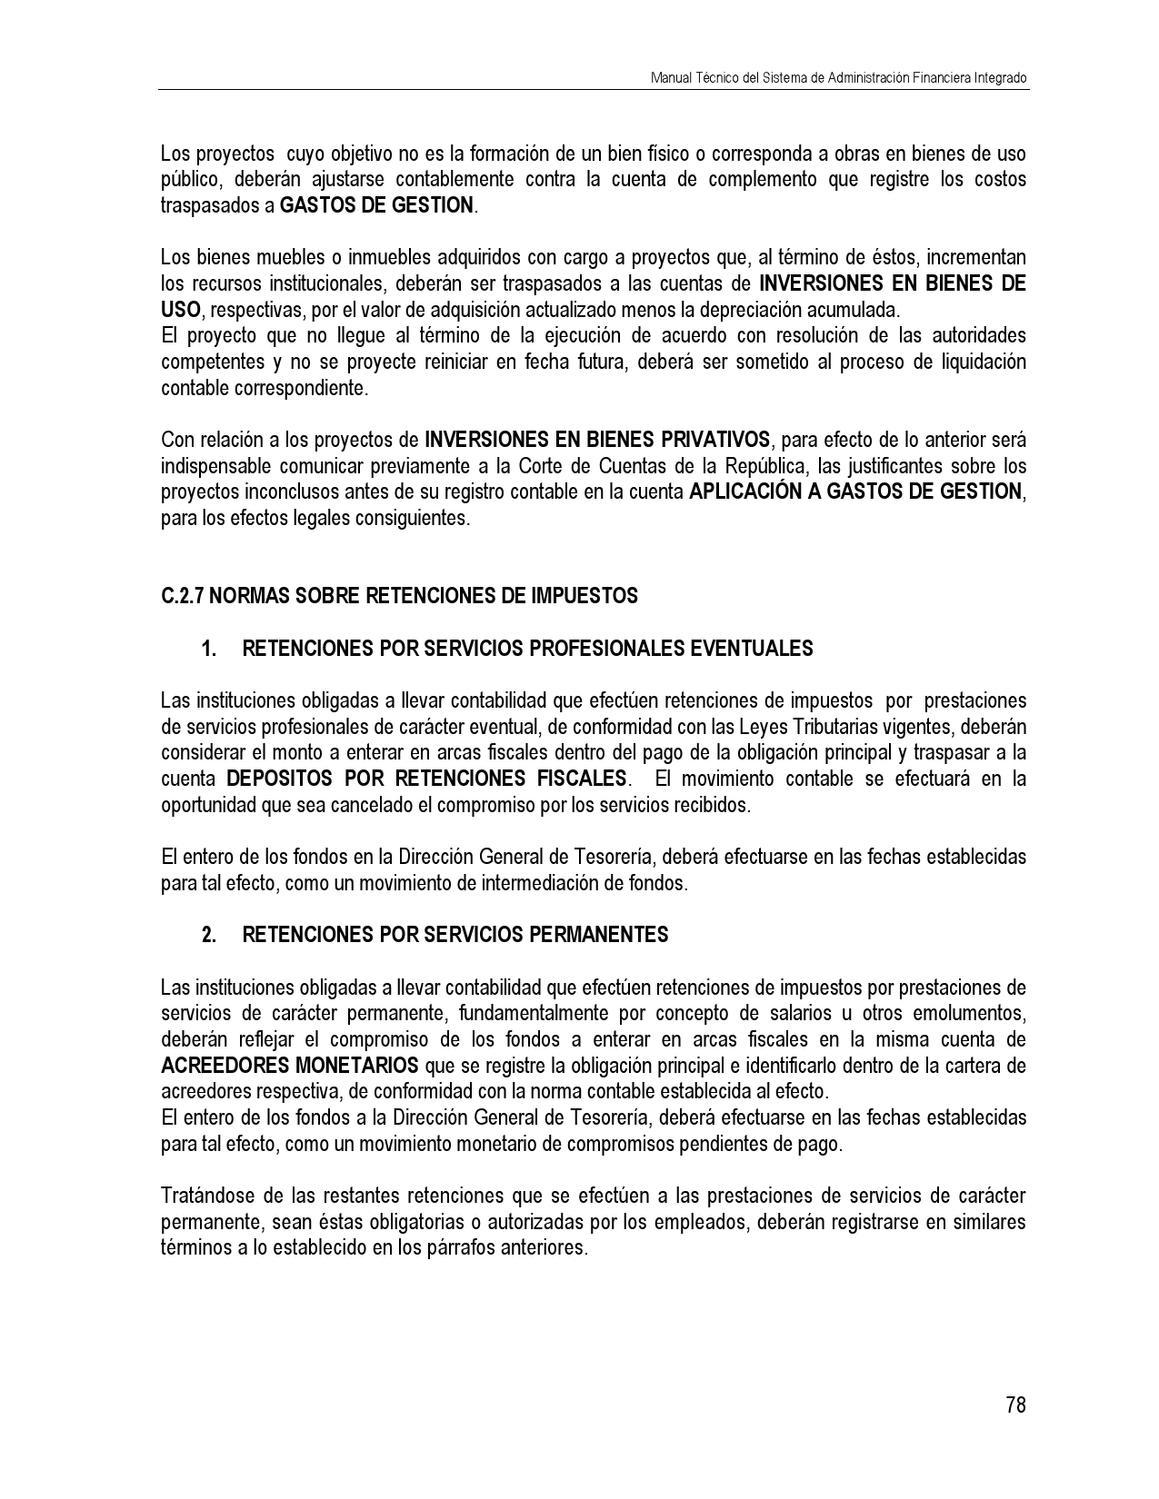 Manual tecnico del safi.